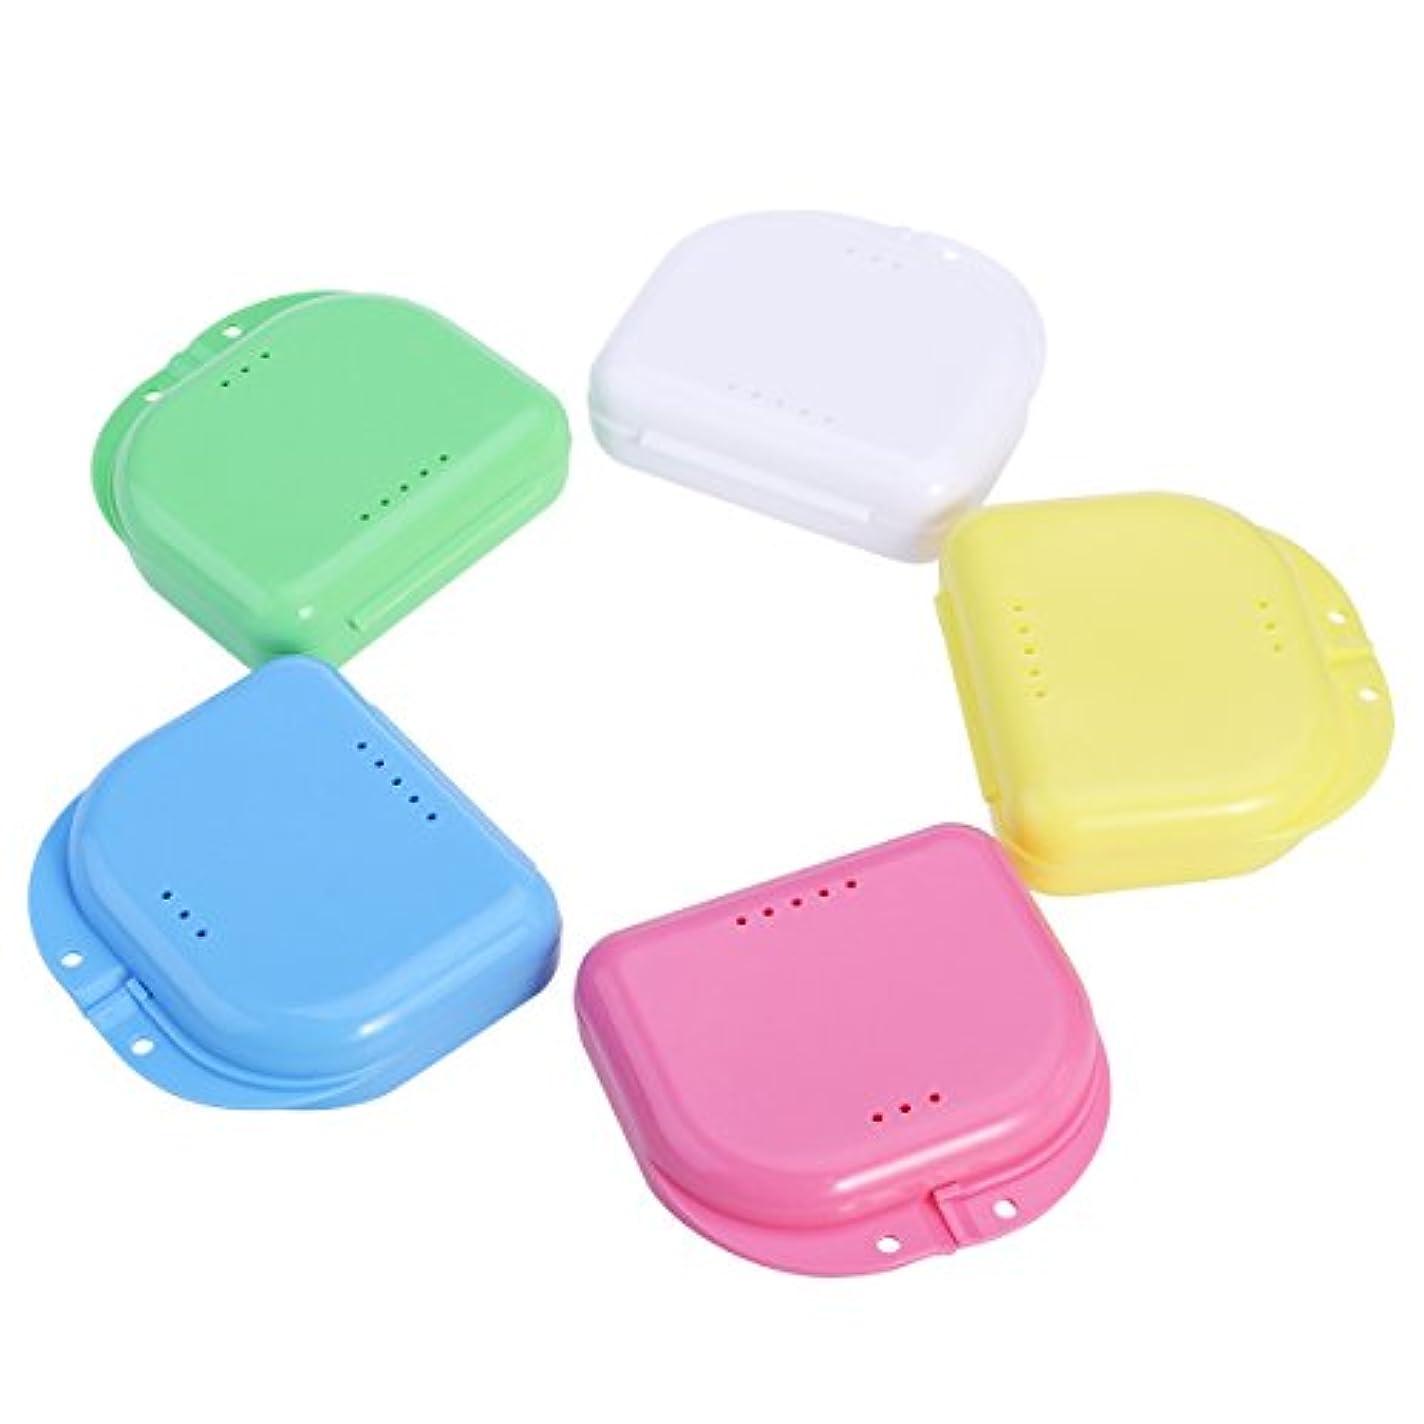 名前を作る中止します霜ROSENICE 義歯ケース 入れ歯ケース 入れ歯収納 義歯ボックス 義歯収納容器 リテーナーボックス 旅行 携帯用 5個セット(5色)